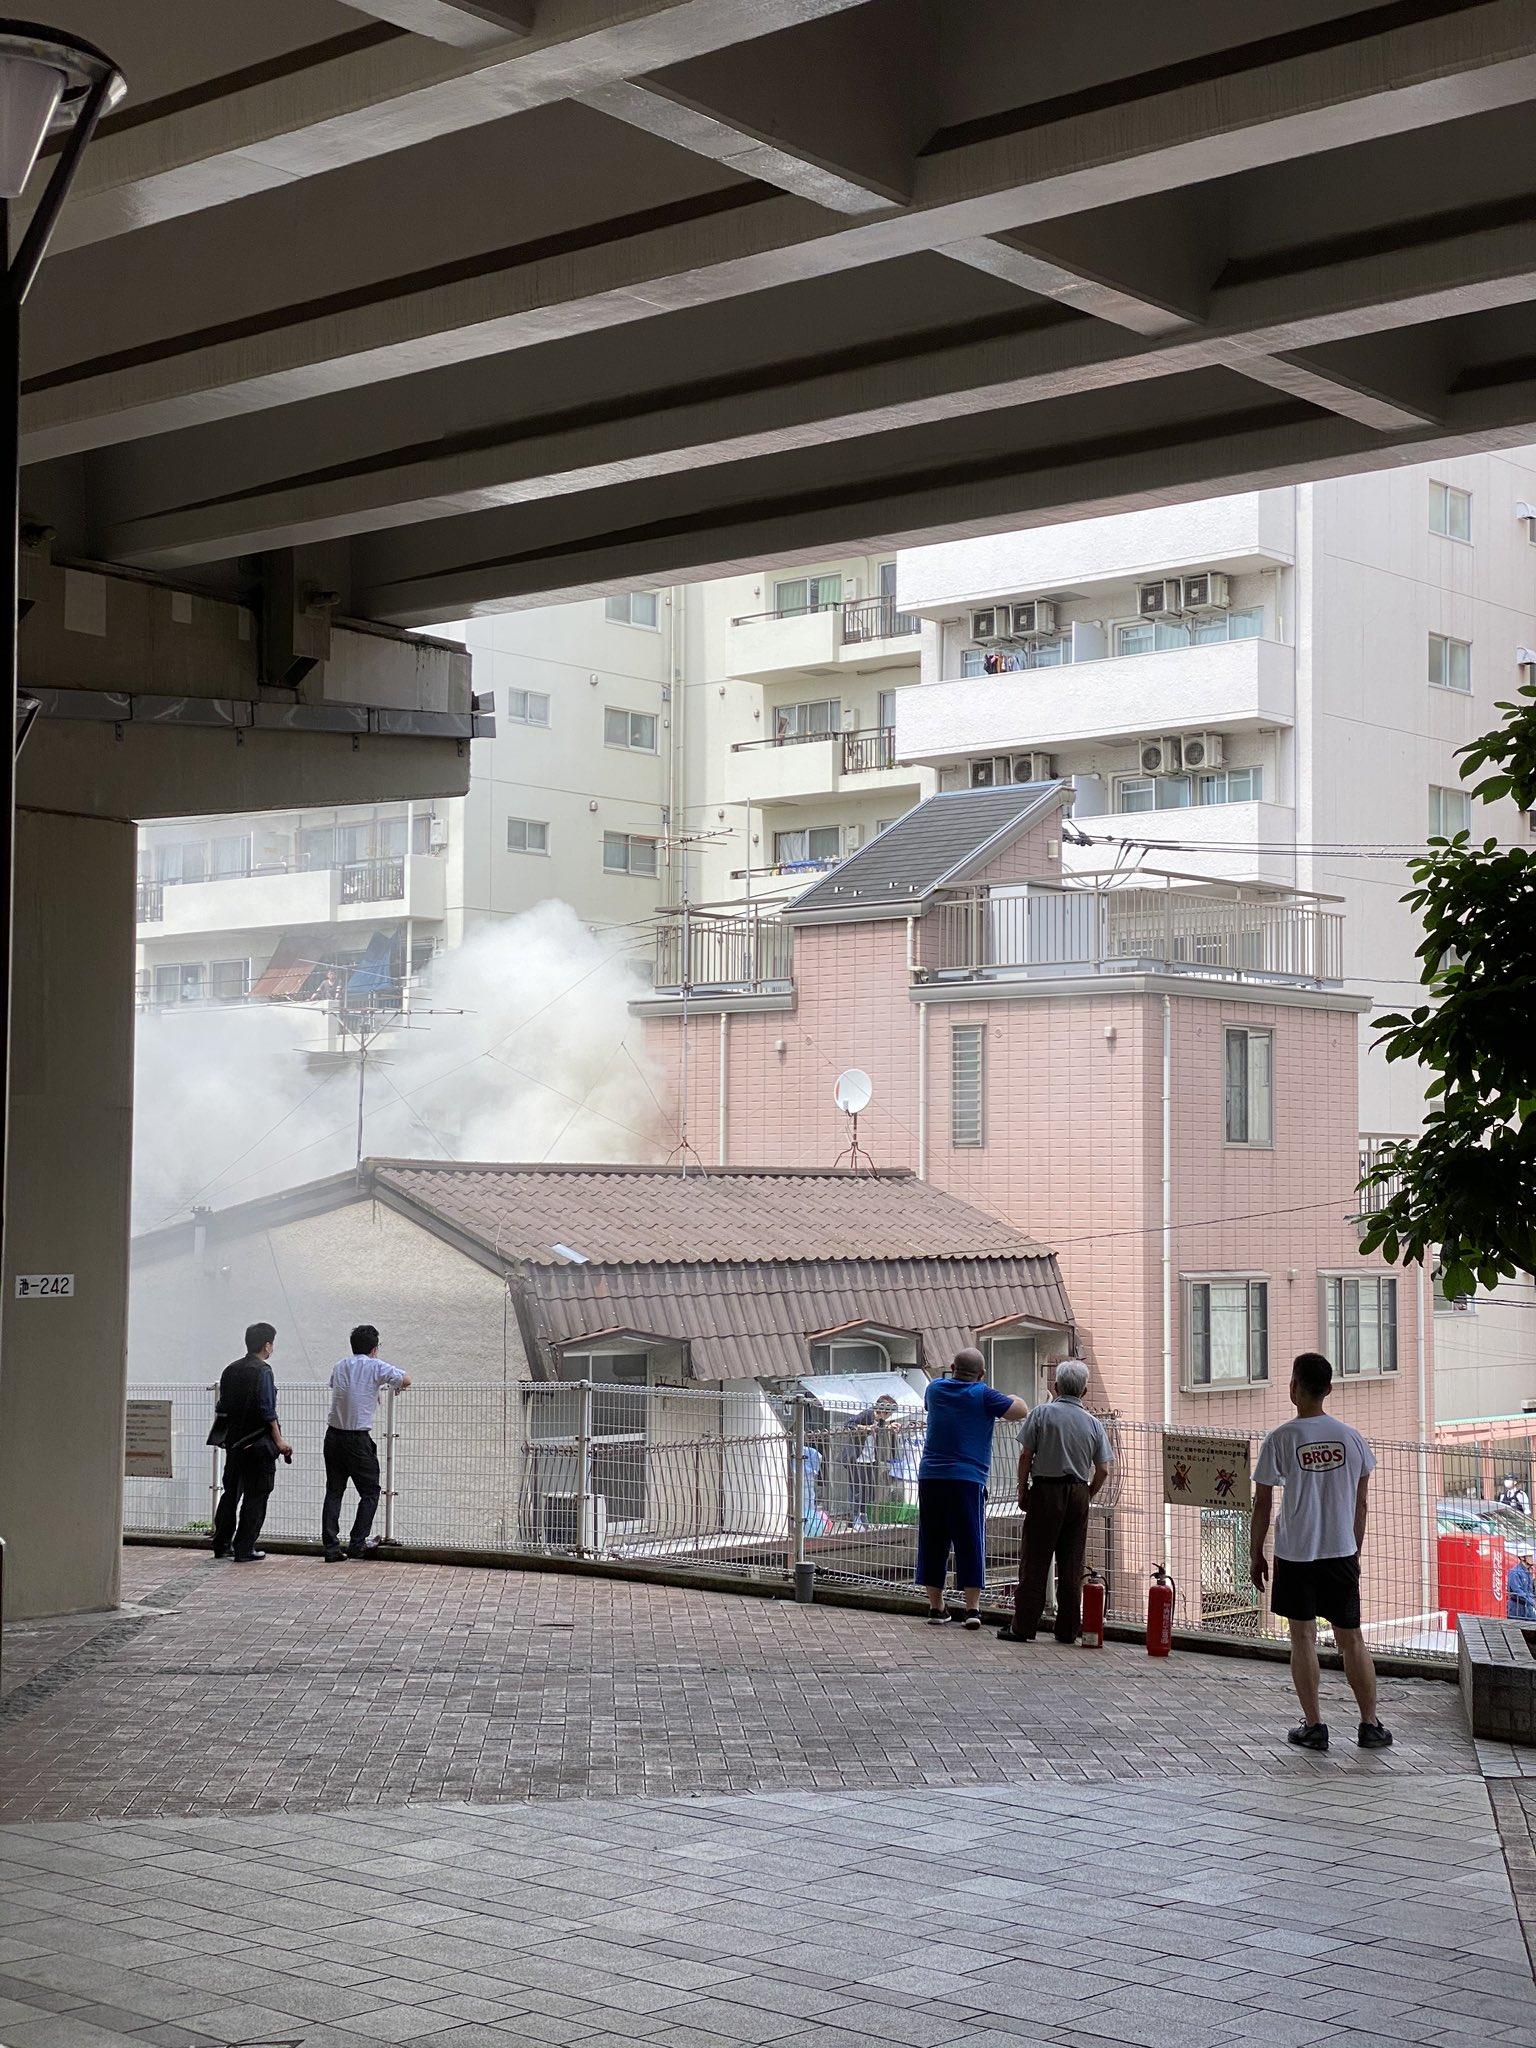 文京区音羽の火事で煙が充満している画像